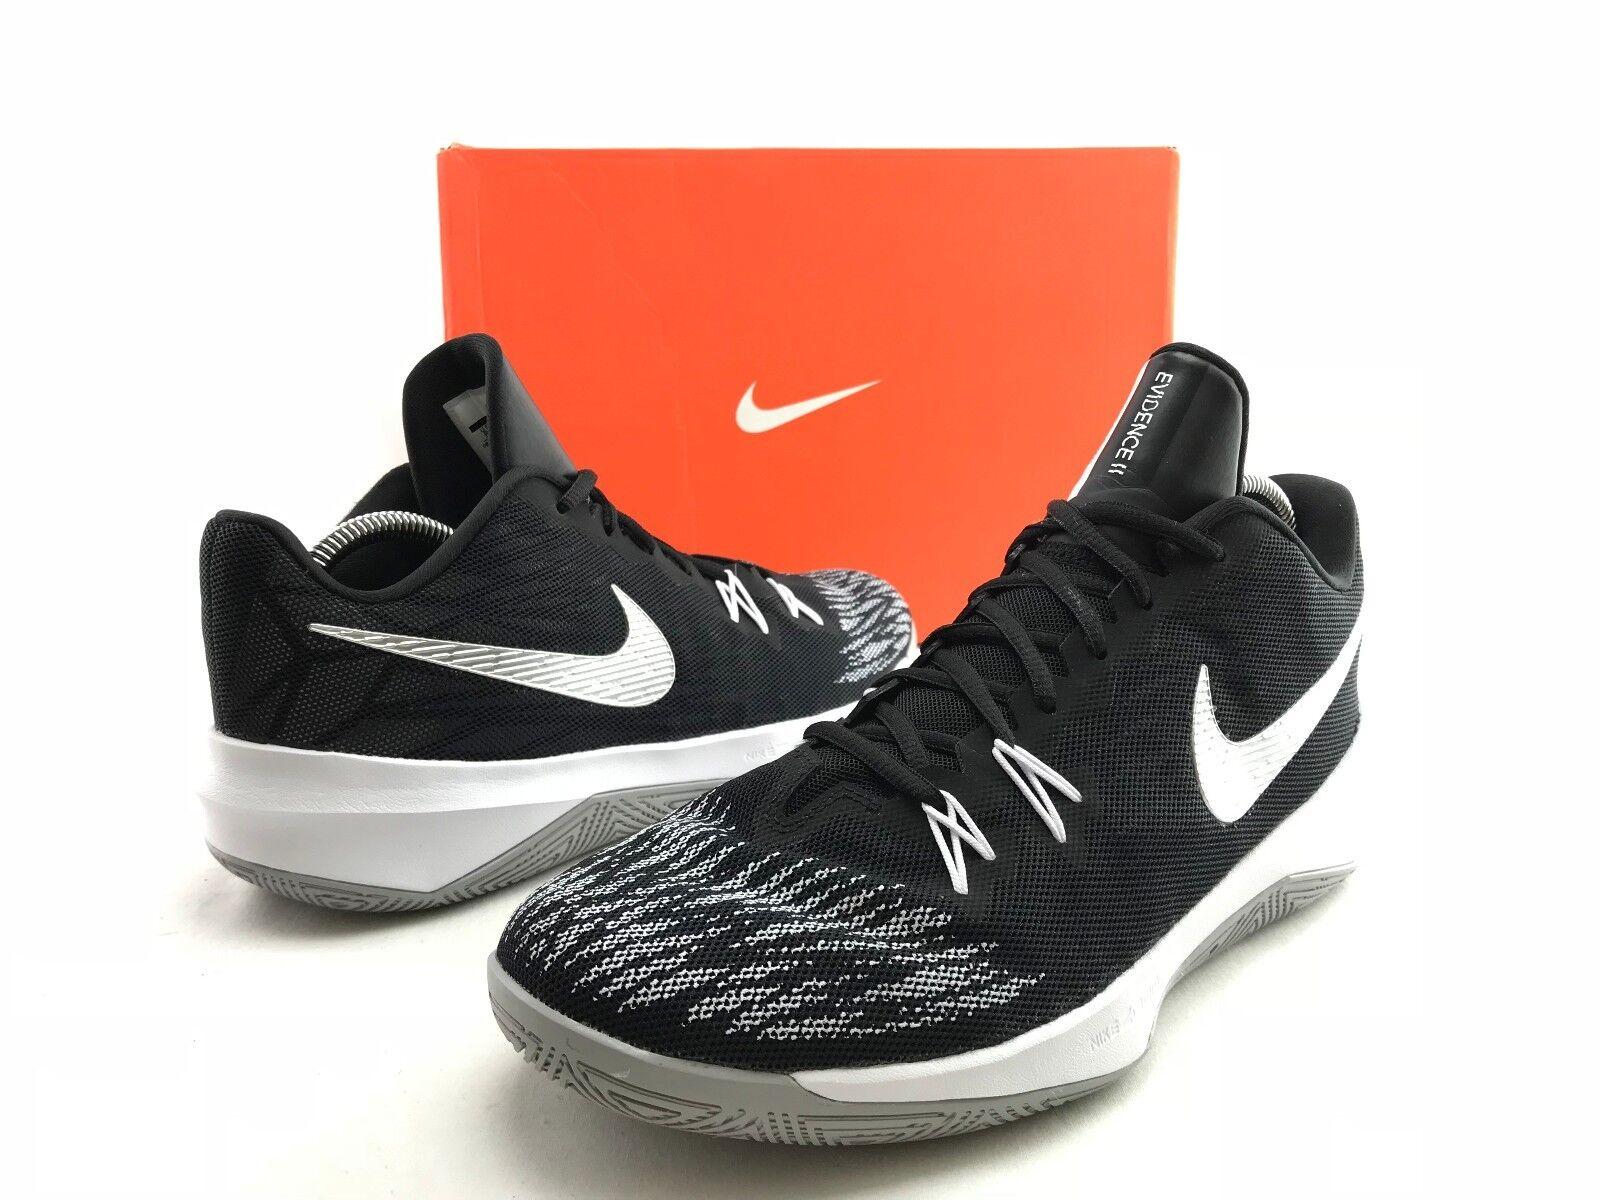 Nike Zoom evidencia II EP hombres blanco negro zapatos 9,5 de baloncesto zapatillas US 9,5 zapatos b956 4b9caf